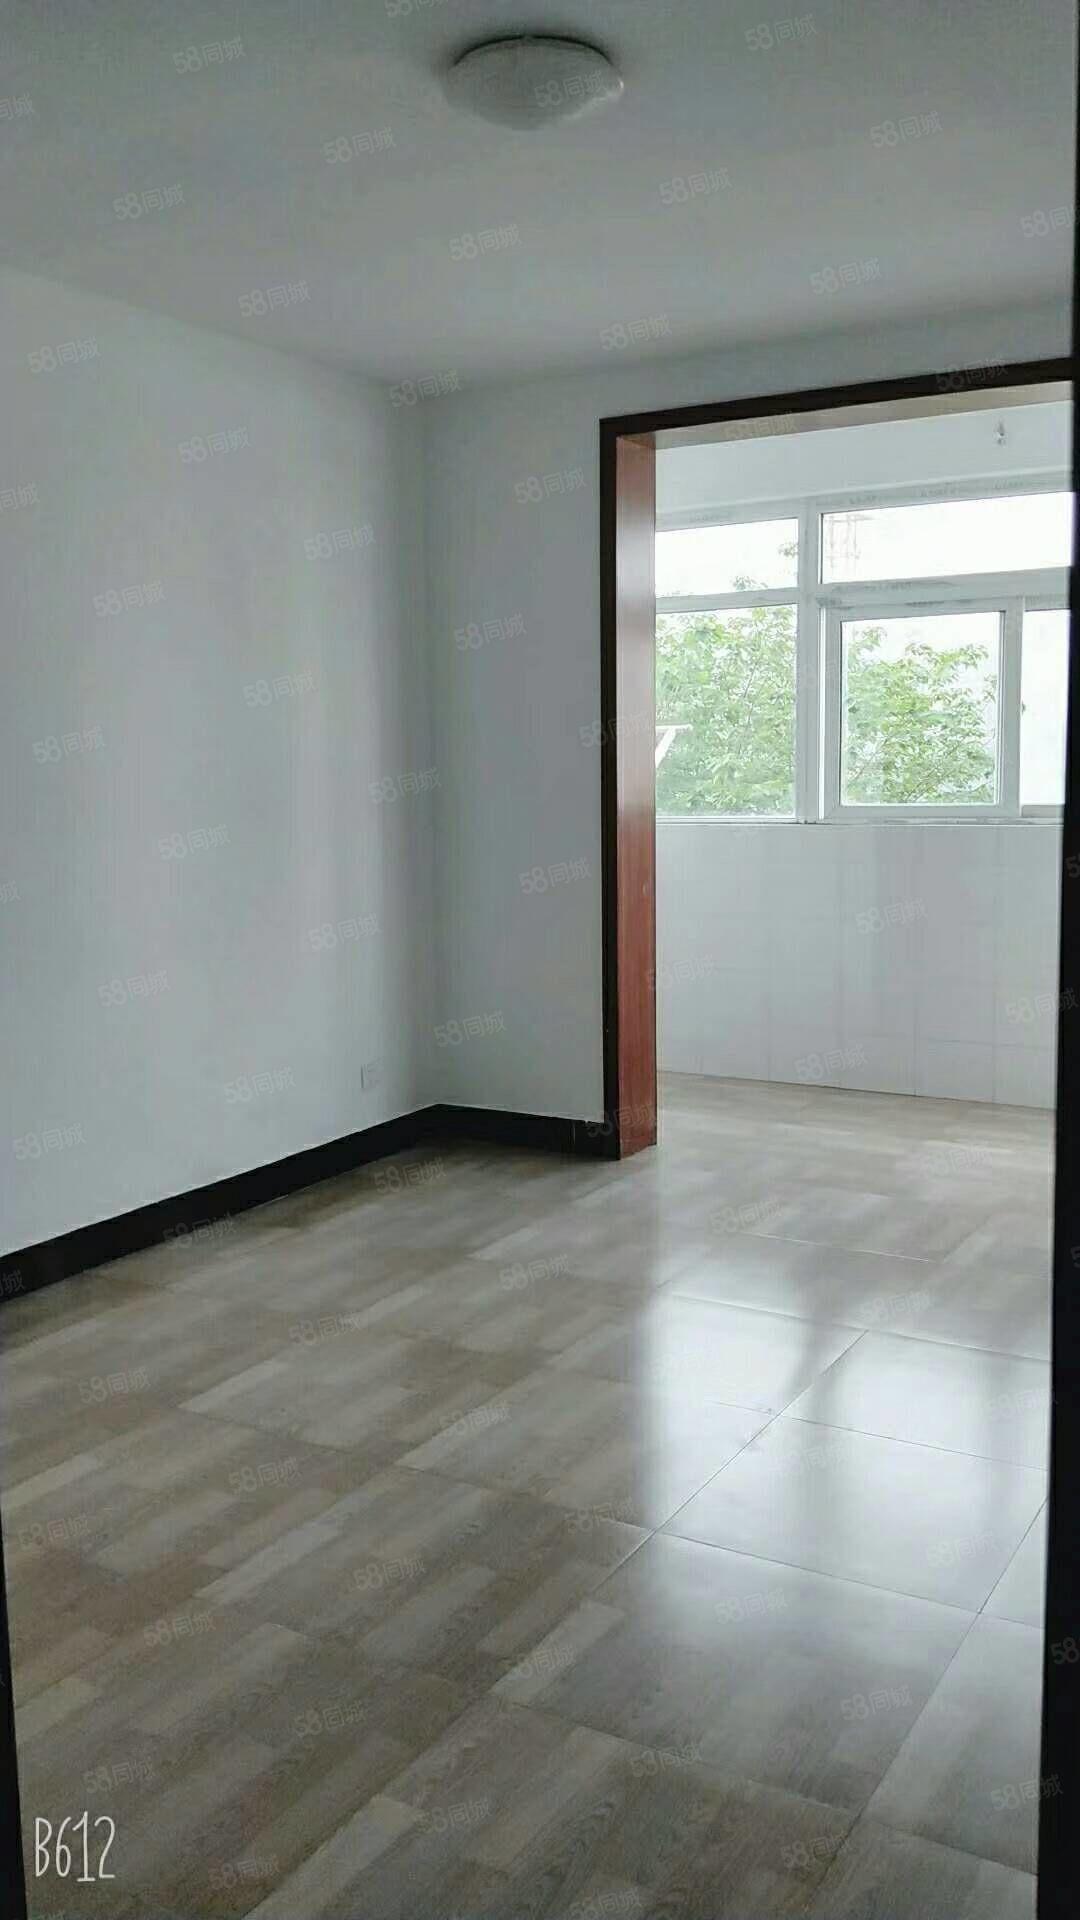 狀元府中層,三室兩廳簡裝,戶型和采光好,距離學校近在咫尺